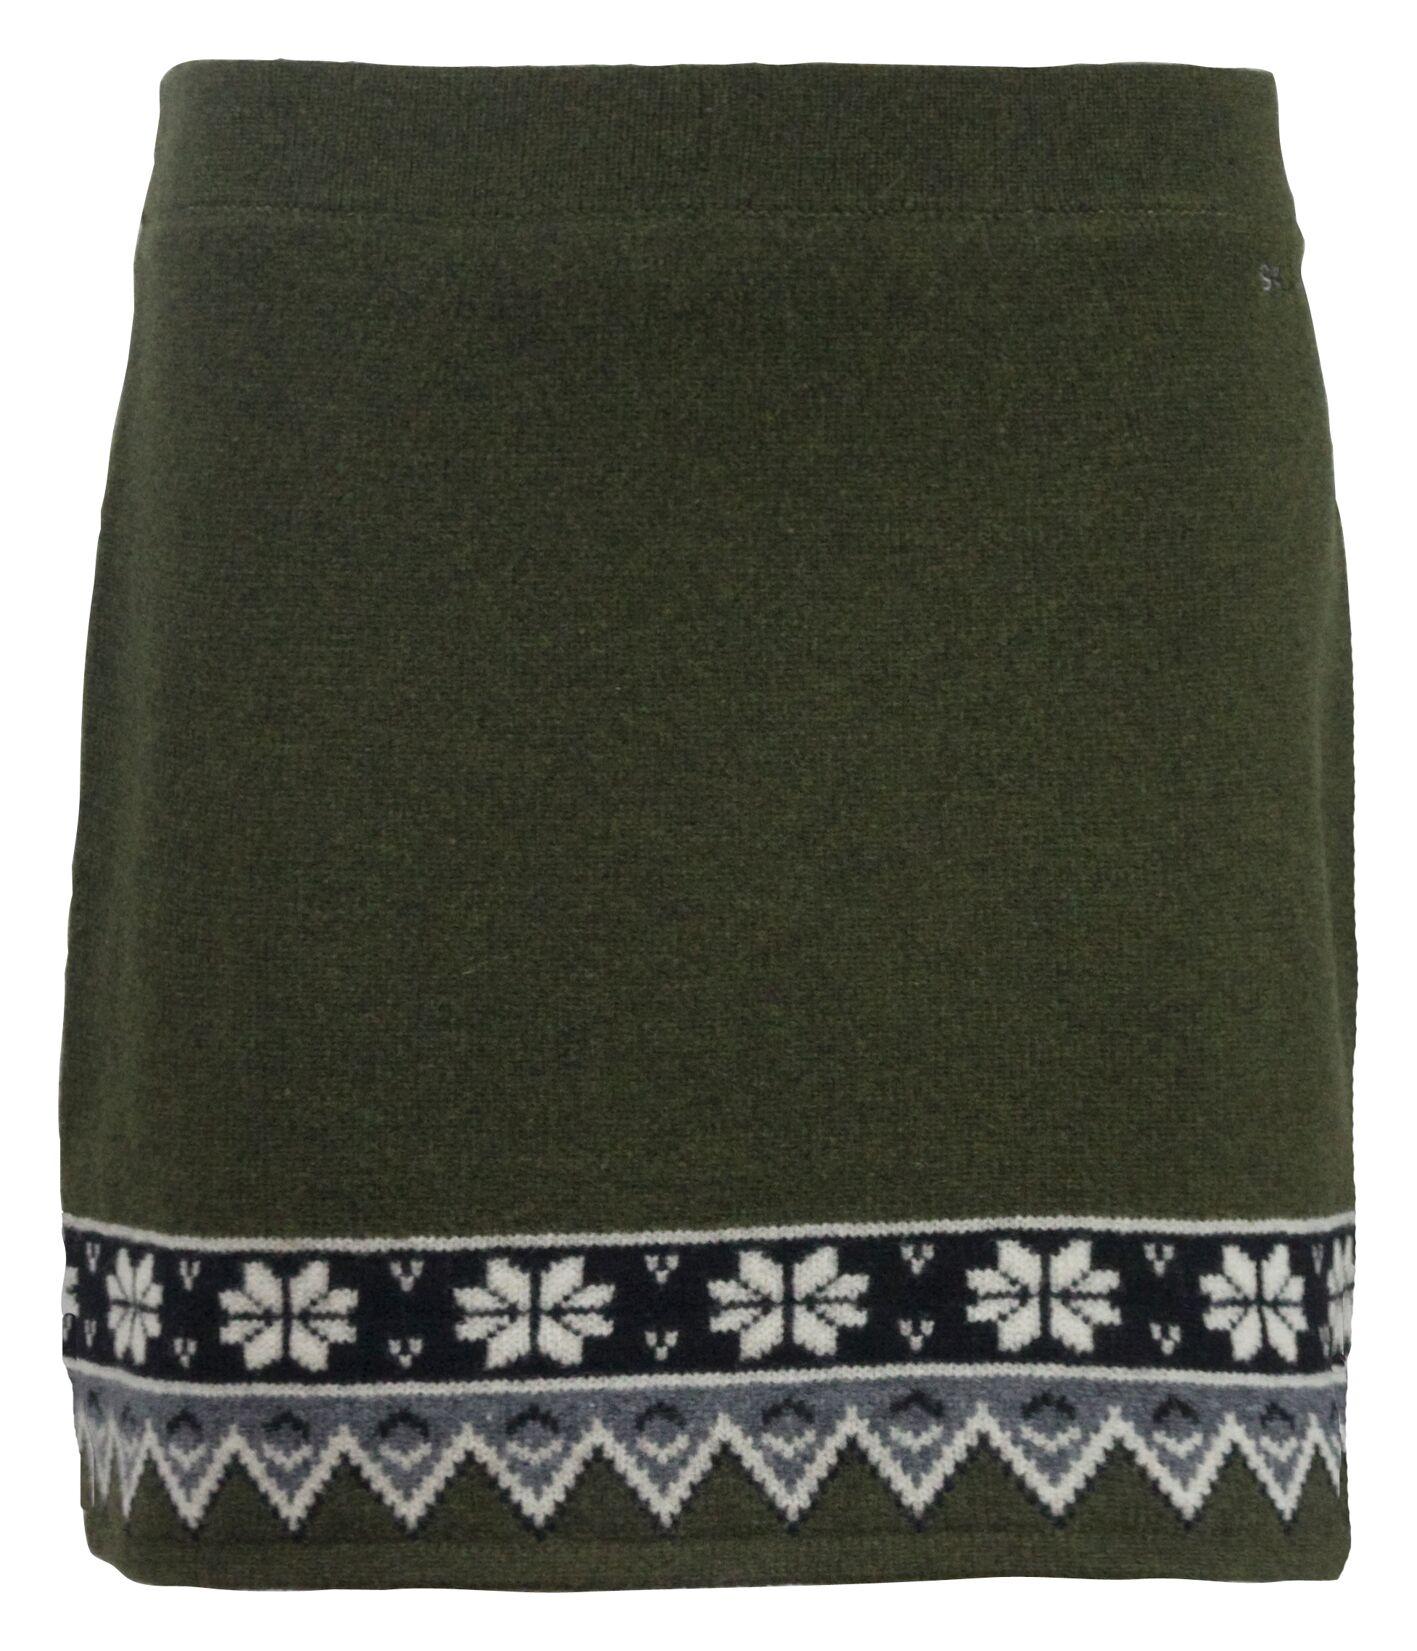 Skhoop Kjol Scandinavian Skirt -Olive